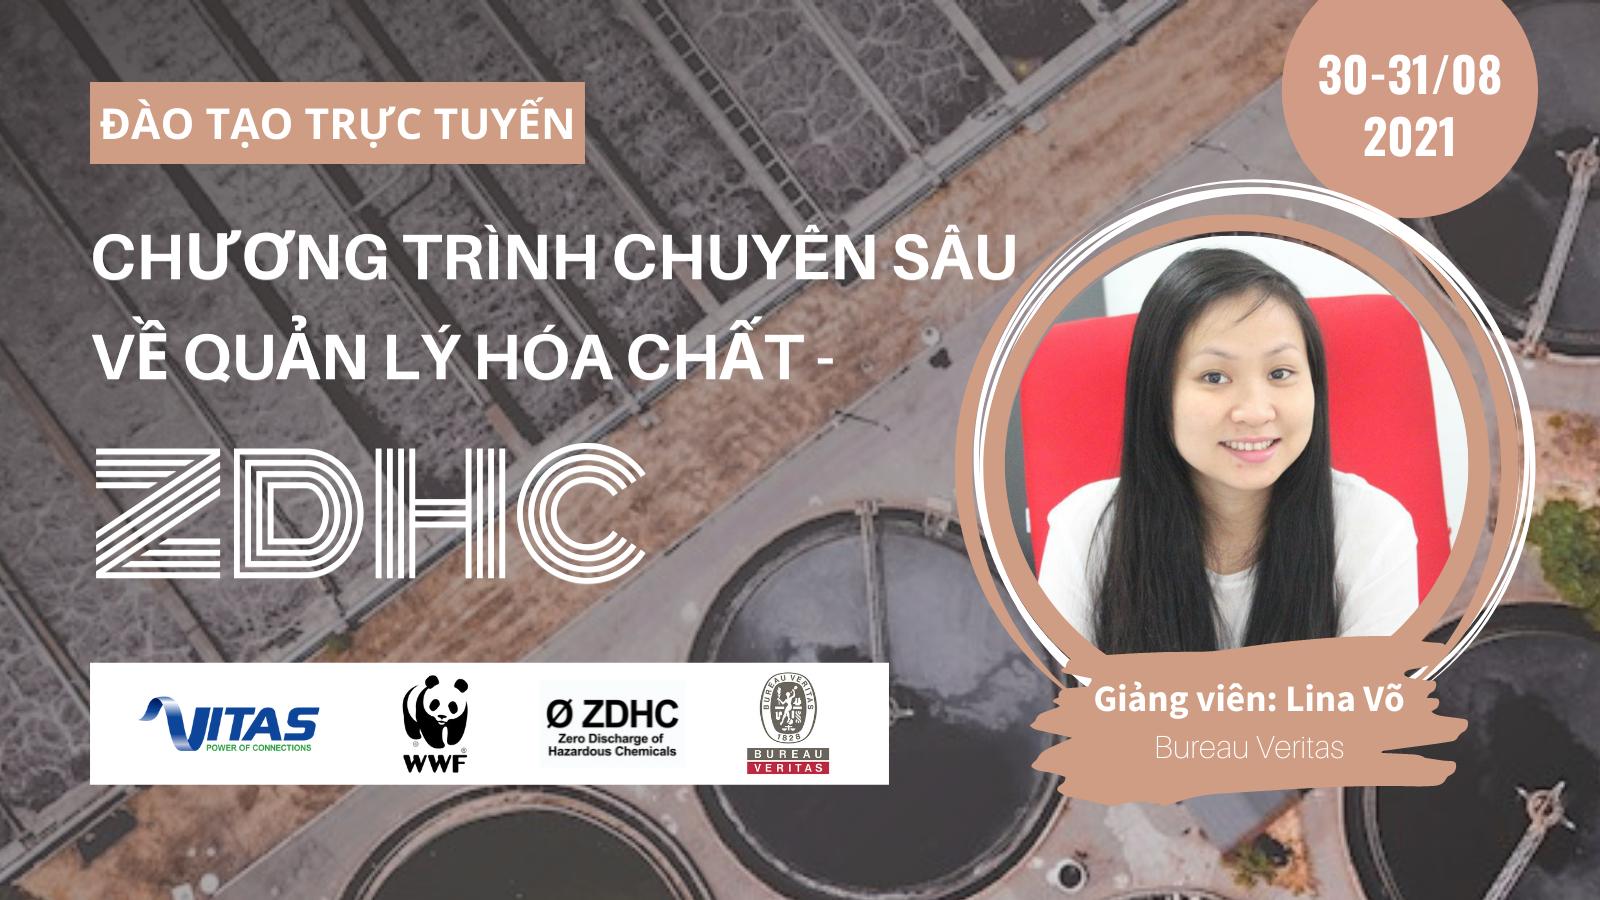 Thư mời đào tạo trực tuyến: Chương trình chuyên sâu về quản lý hóa chất - ZDHC